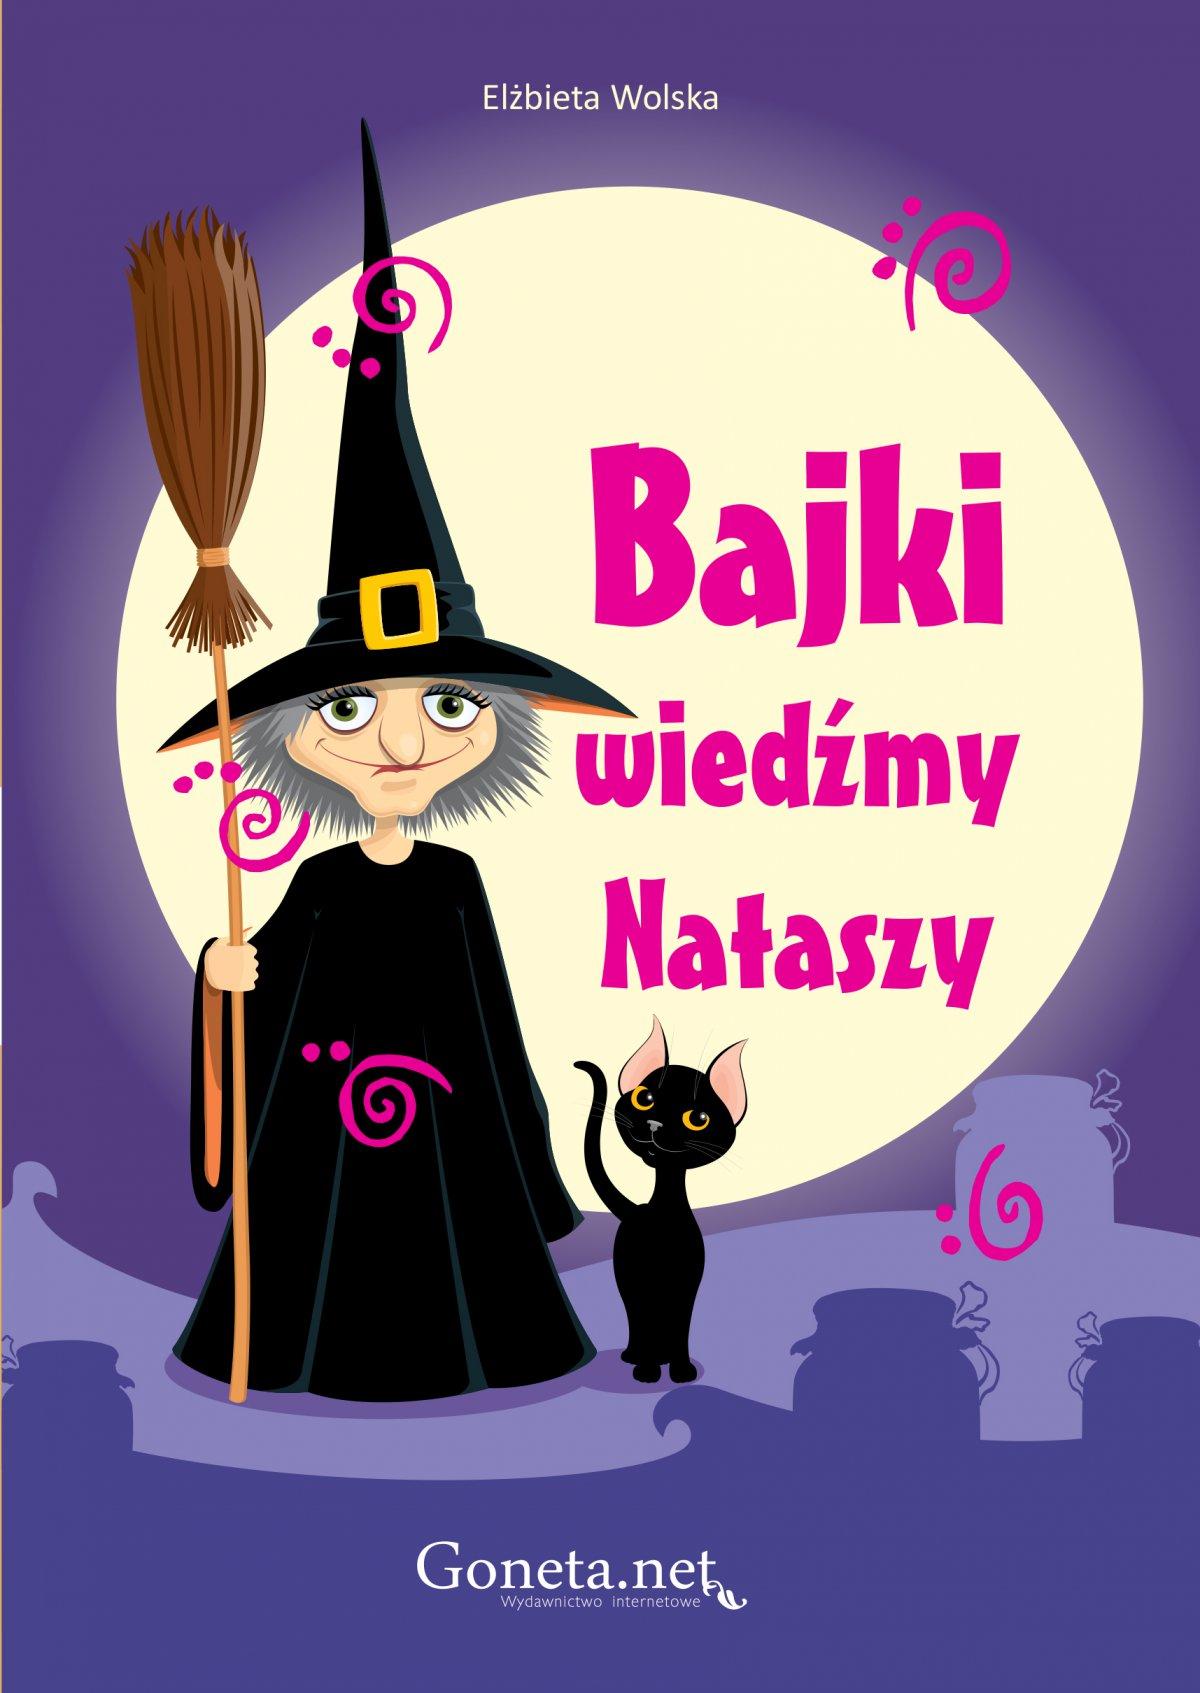 Bajki wiedźmy Nataszy - Ebook (Książka EPUB) do pobrania w formacie EPUB